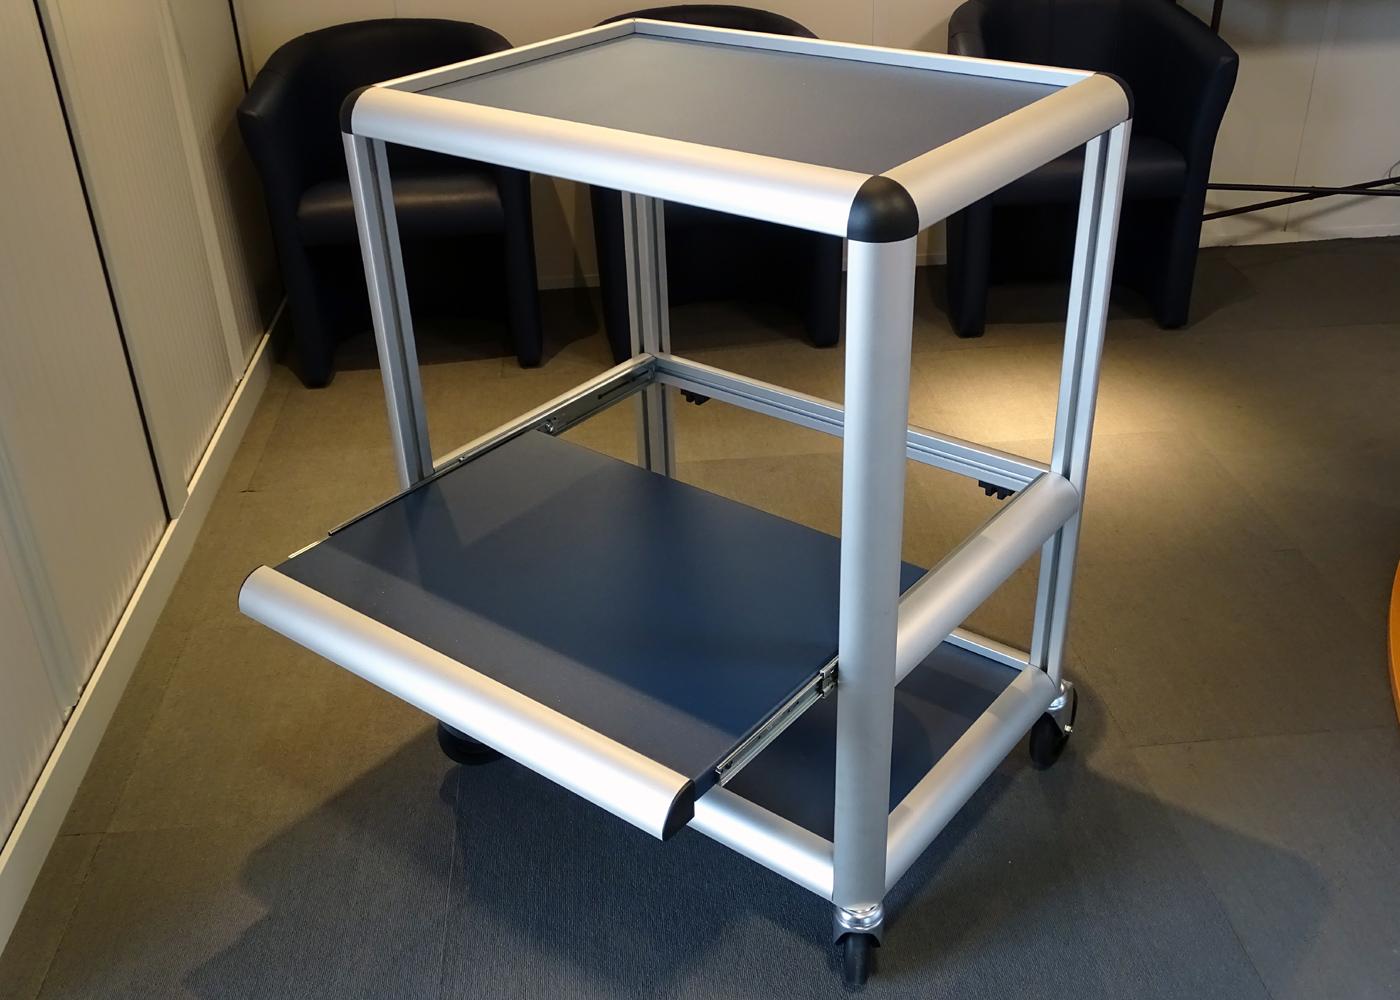 Chariot logistique NX557-04 – Chariot logistique ultra léger 30 Kg en aluminium